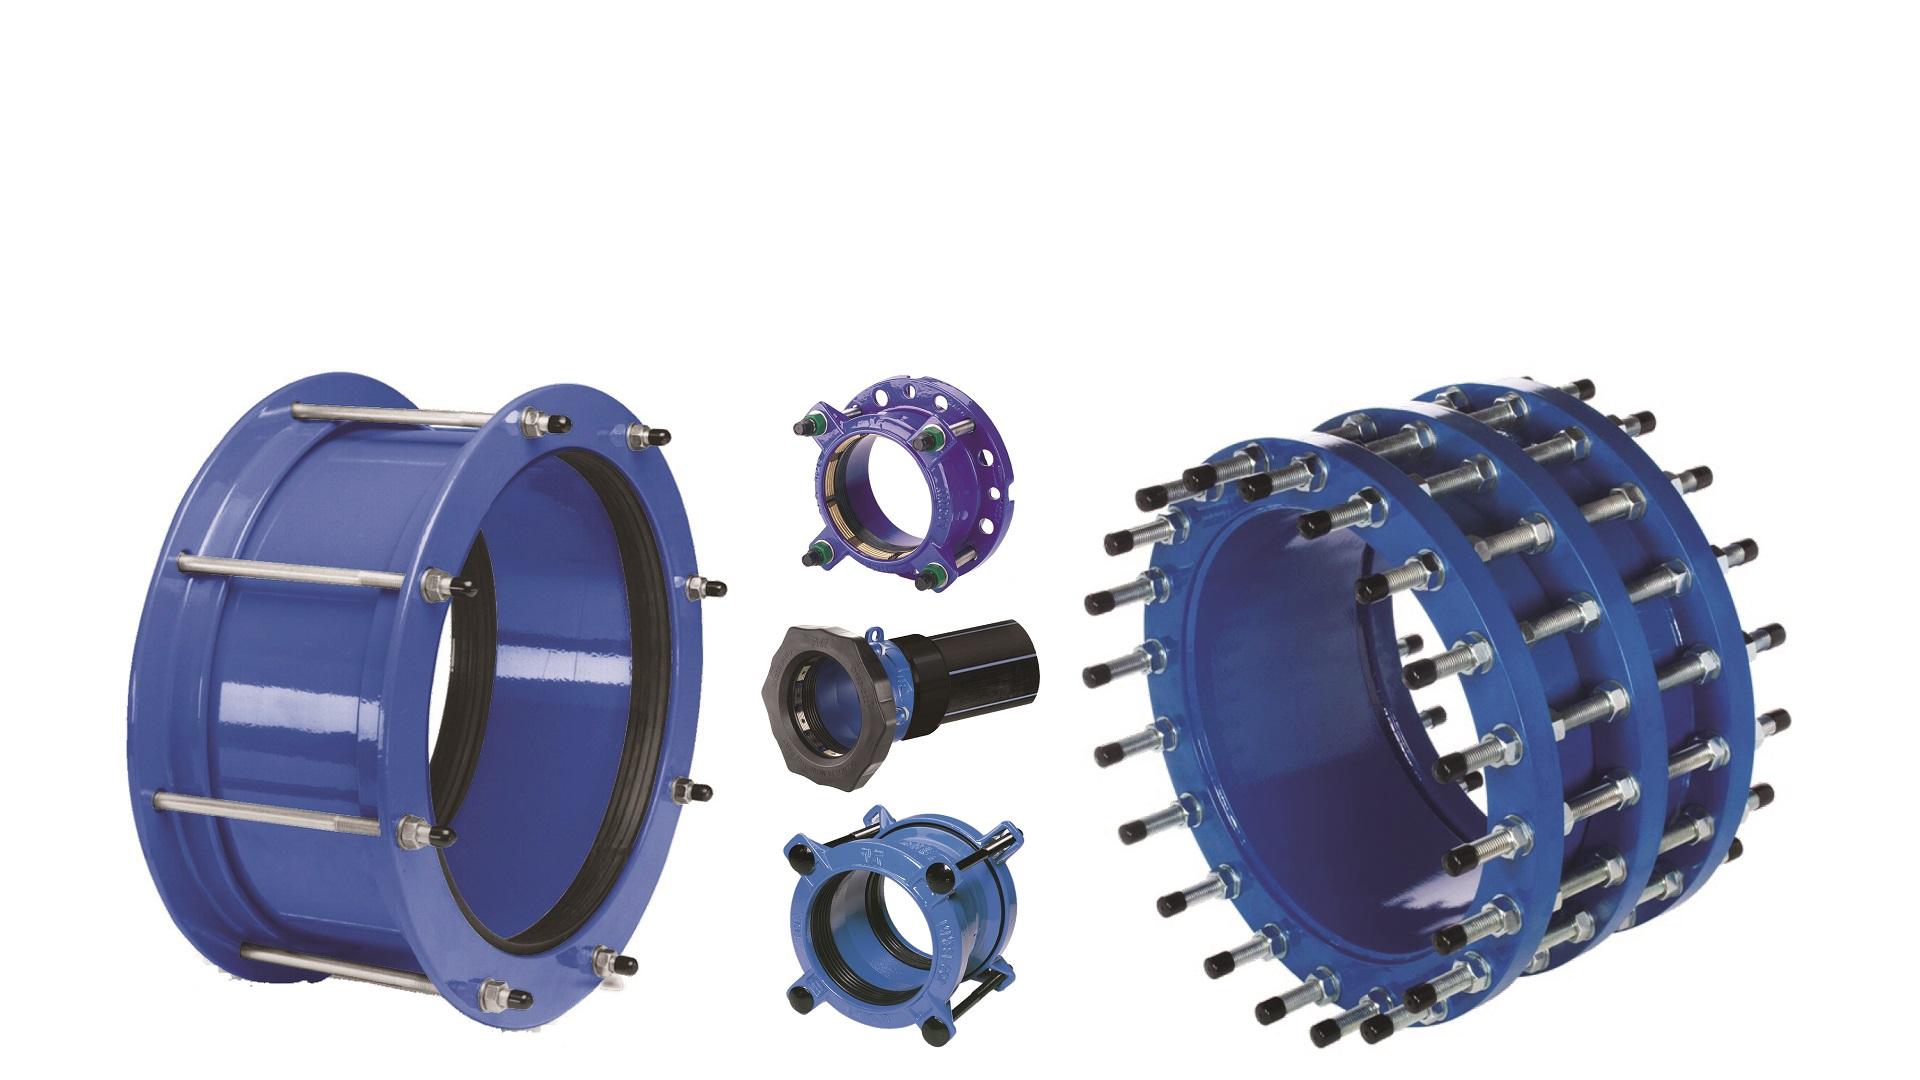 AVK coulpings and adaptors